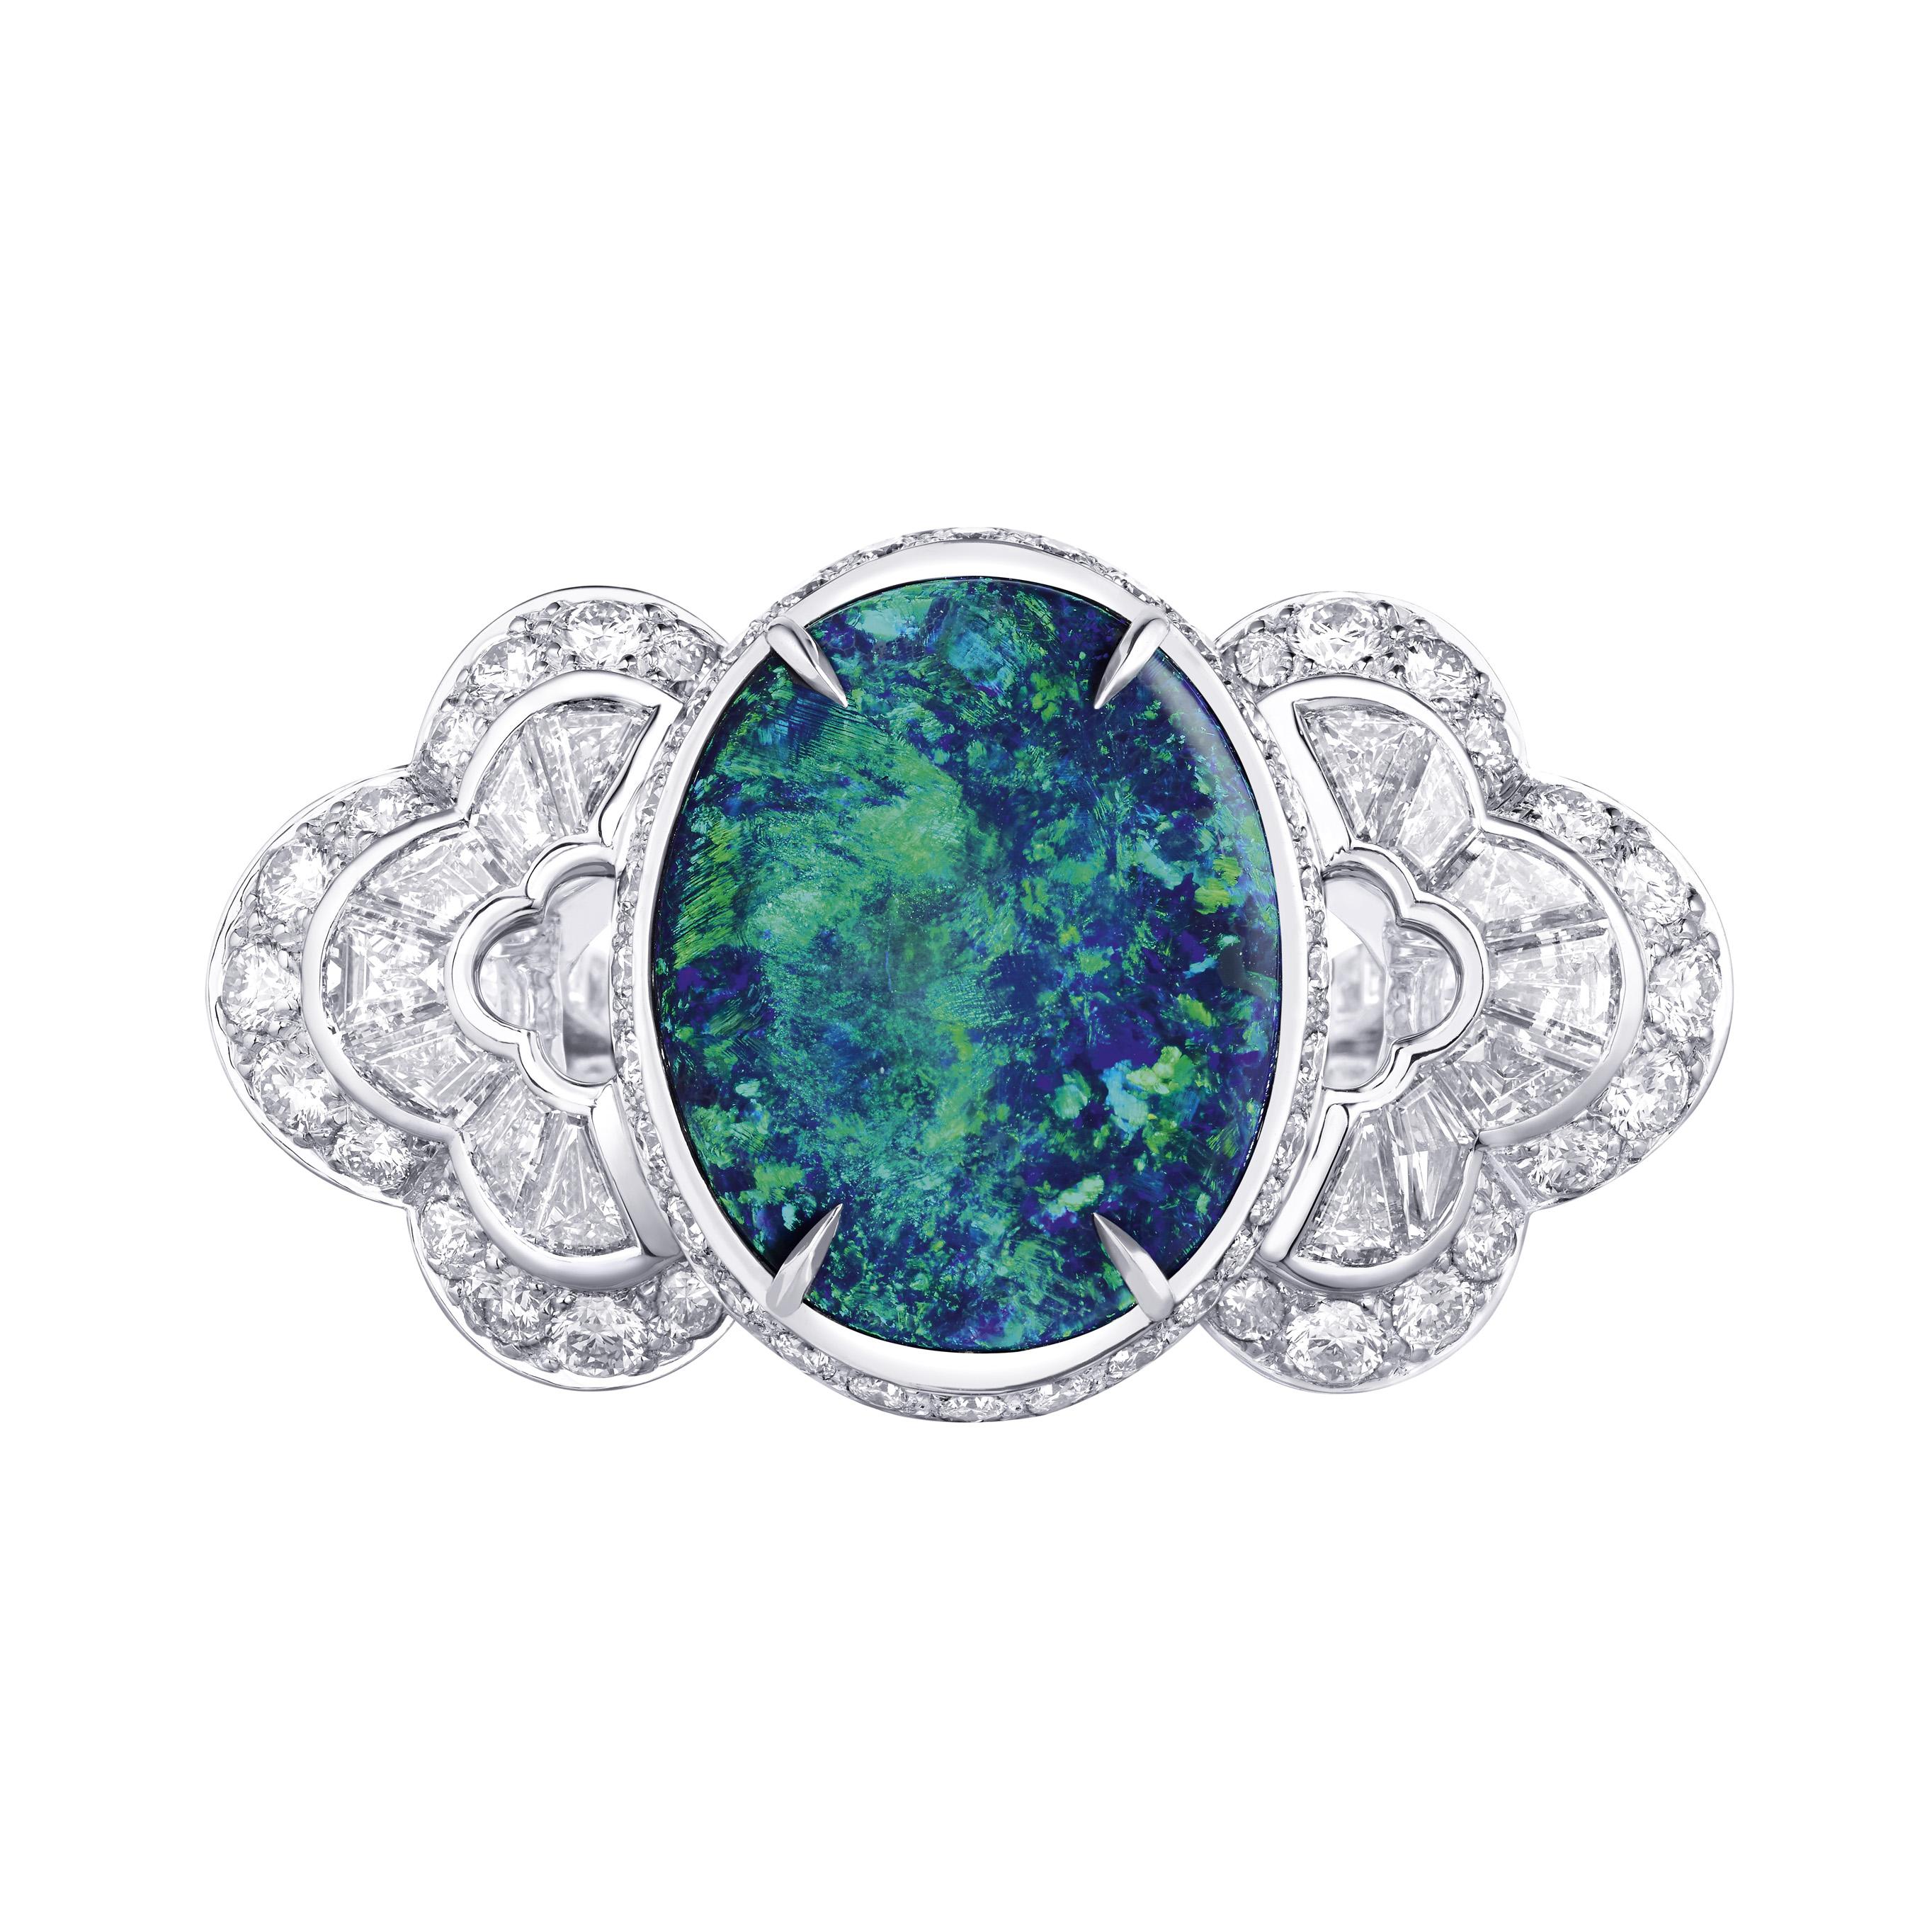 LV - Blossom - Opal - 1